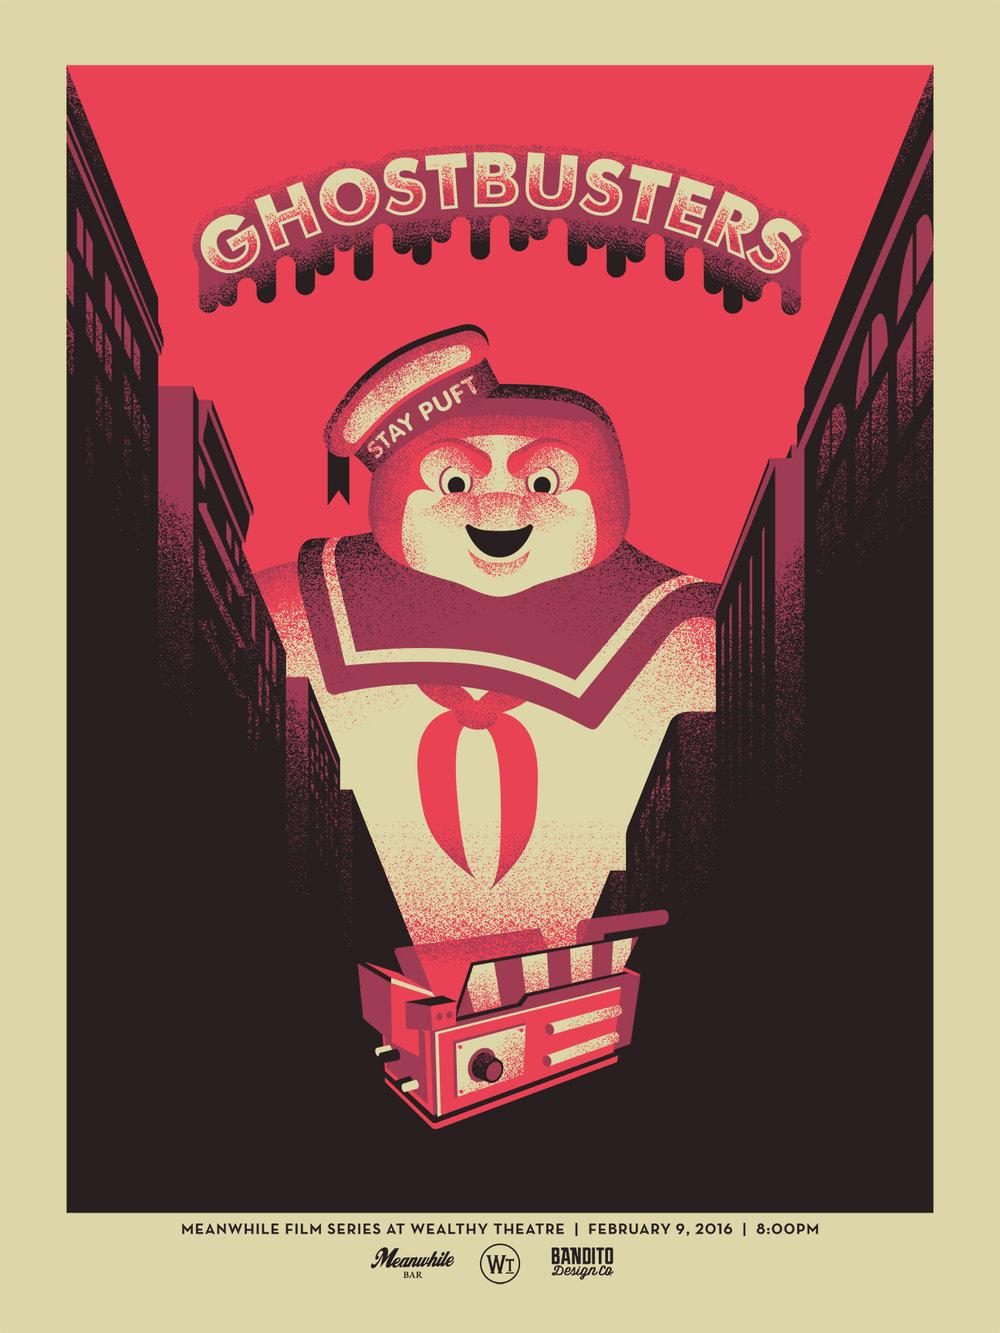 ghostbusters_print_final.jpg